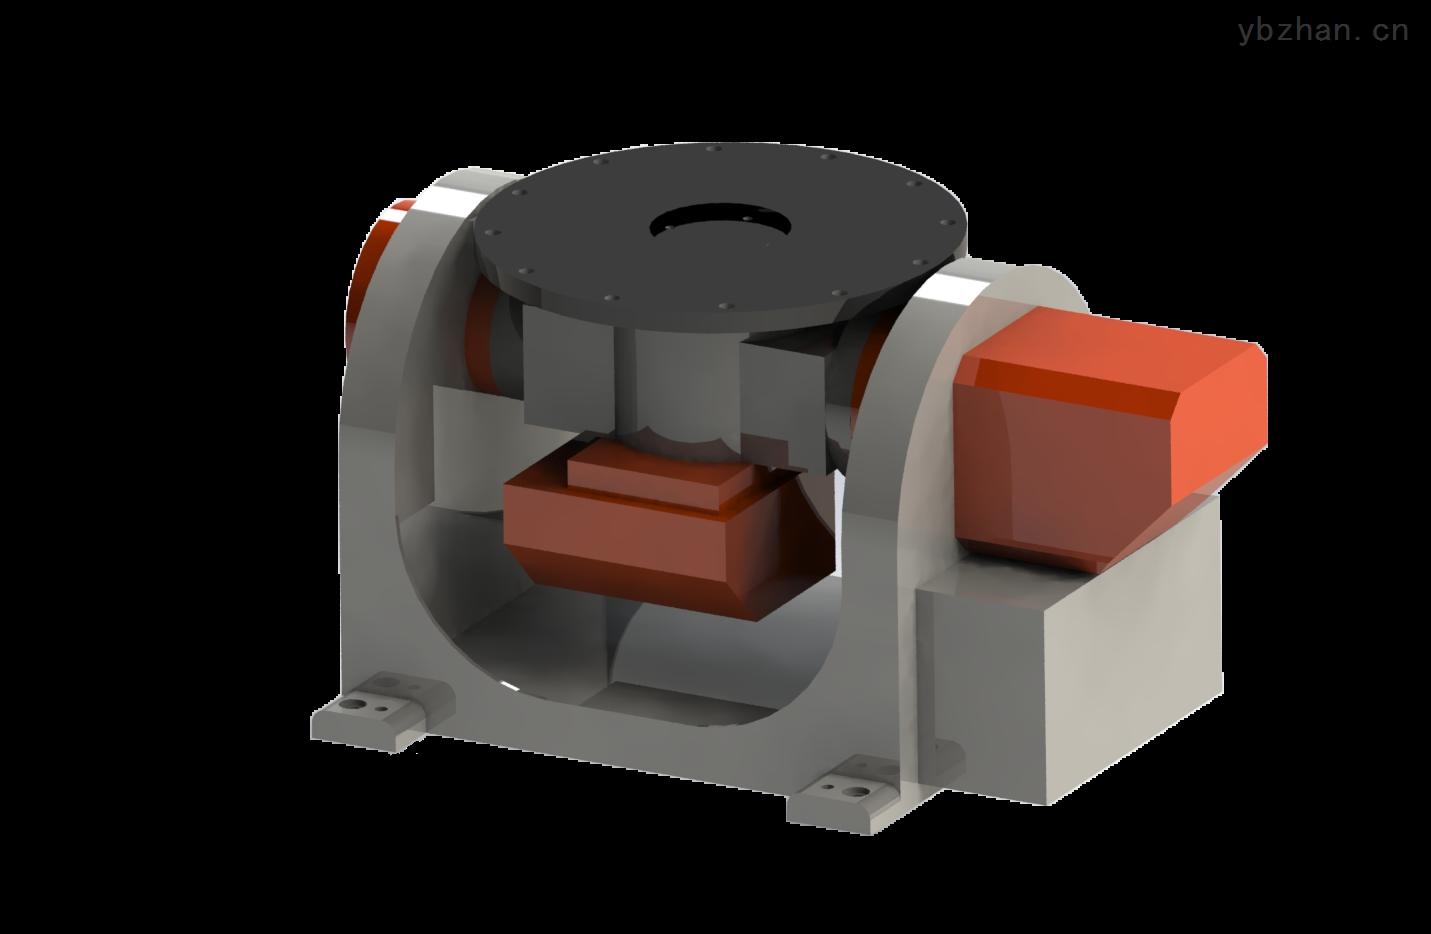 凱沃智造國產焊接機器人多功能工業機器人高精度焊接機工業流水線